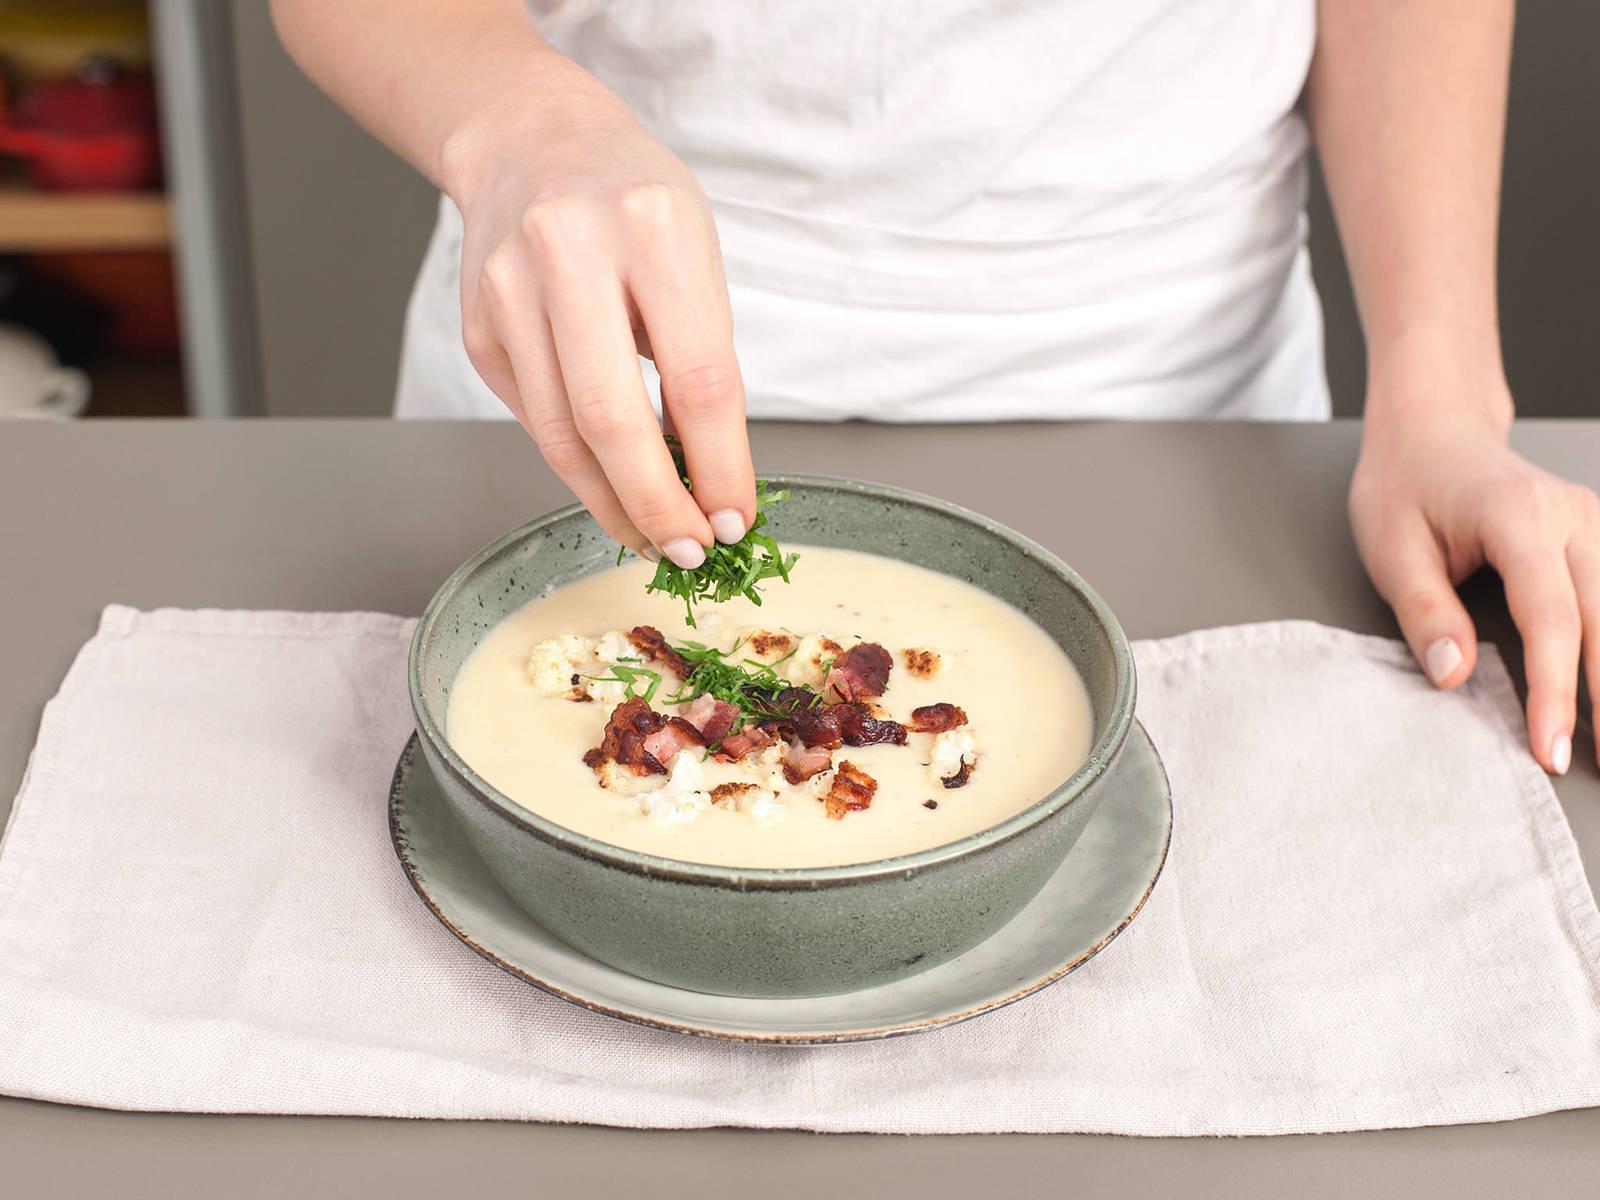 将汤倒入上菜碗中,饰以烤花椰菜、培根、欧芹。加盐与胡椒调味。尽情享用吧!